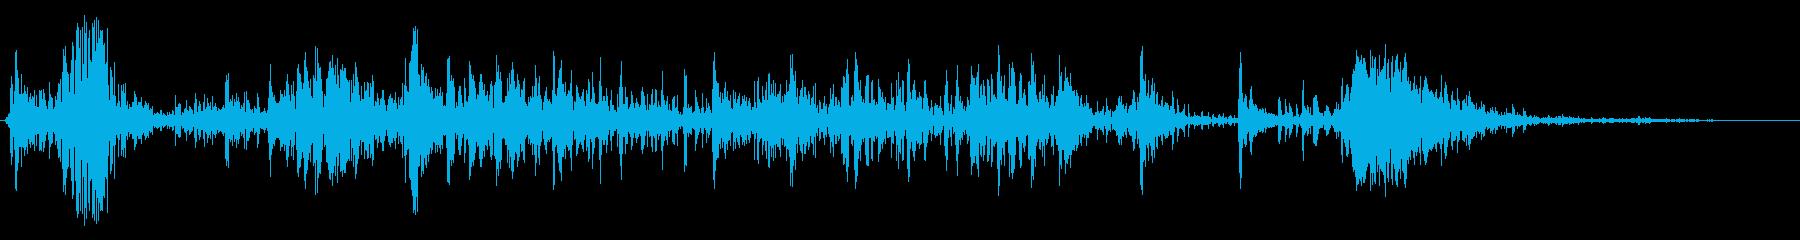 ビッグヘビークランチ;ヴィンテージ...の再生済みの波形